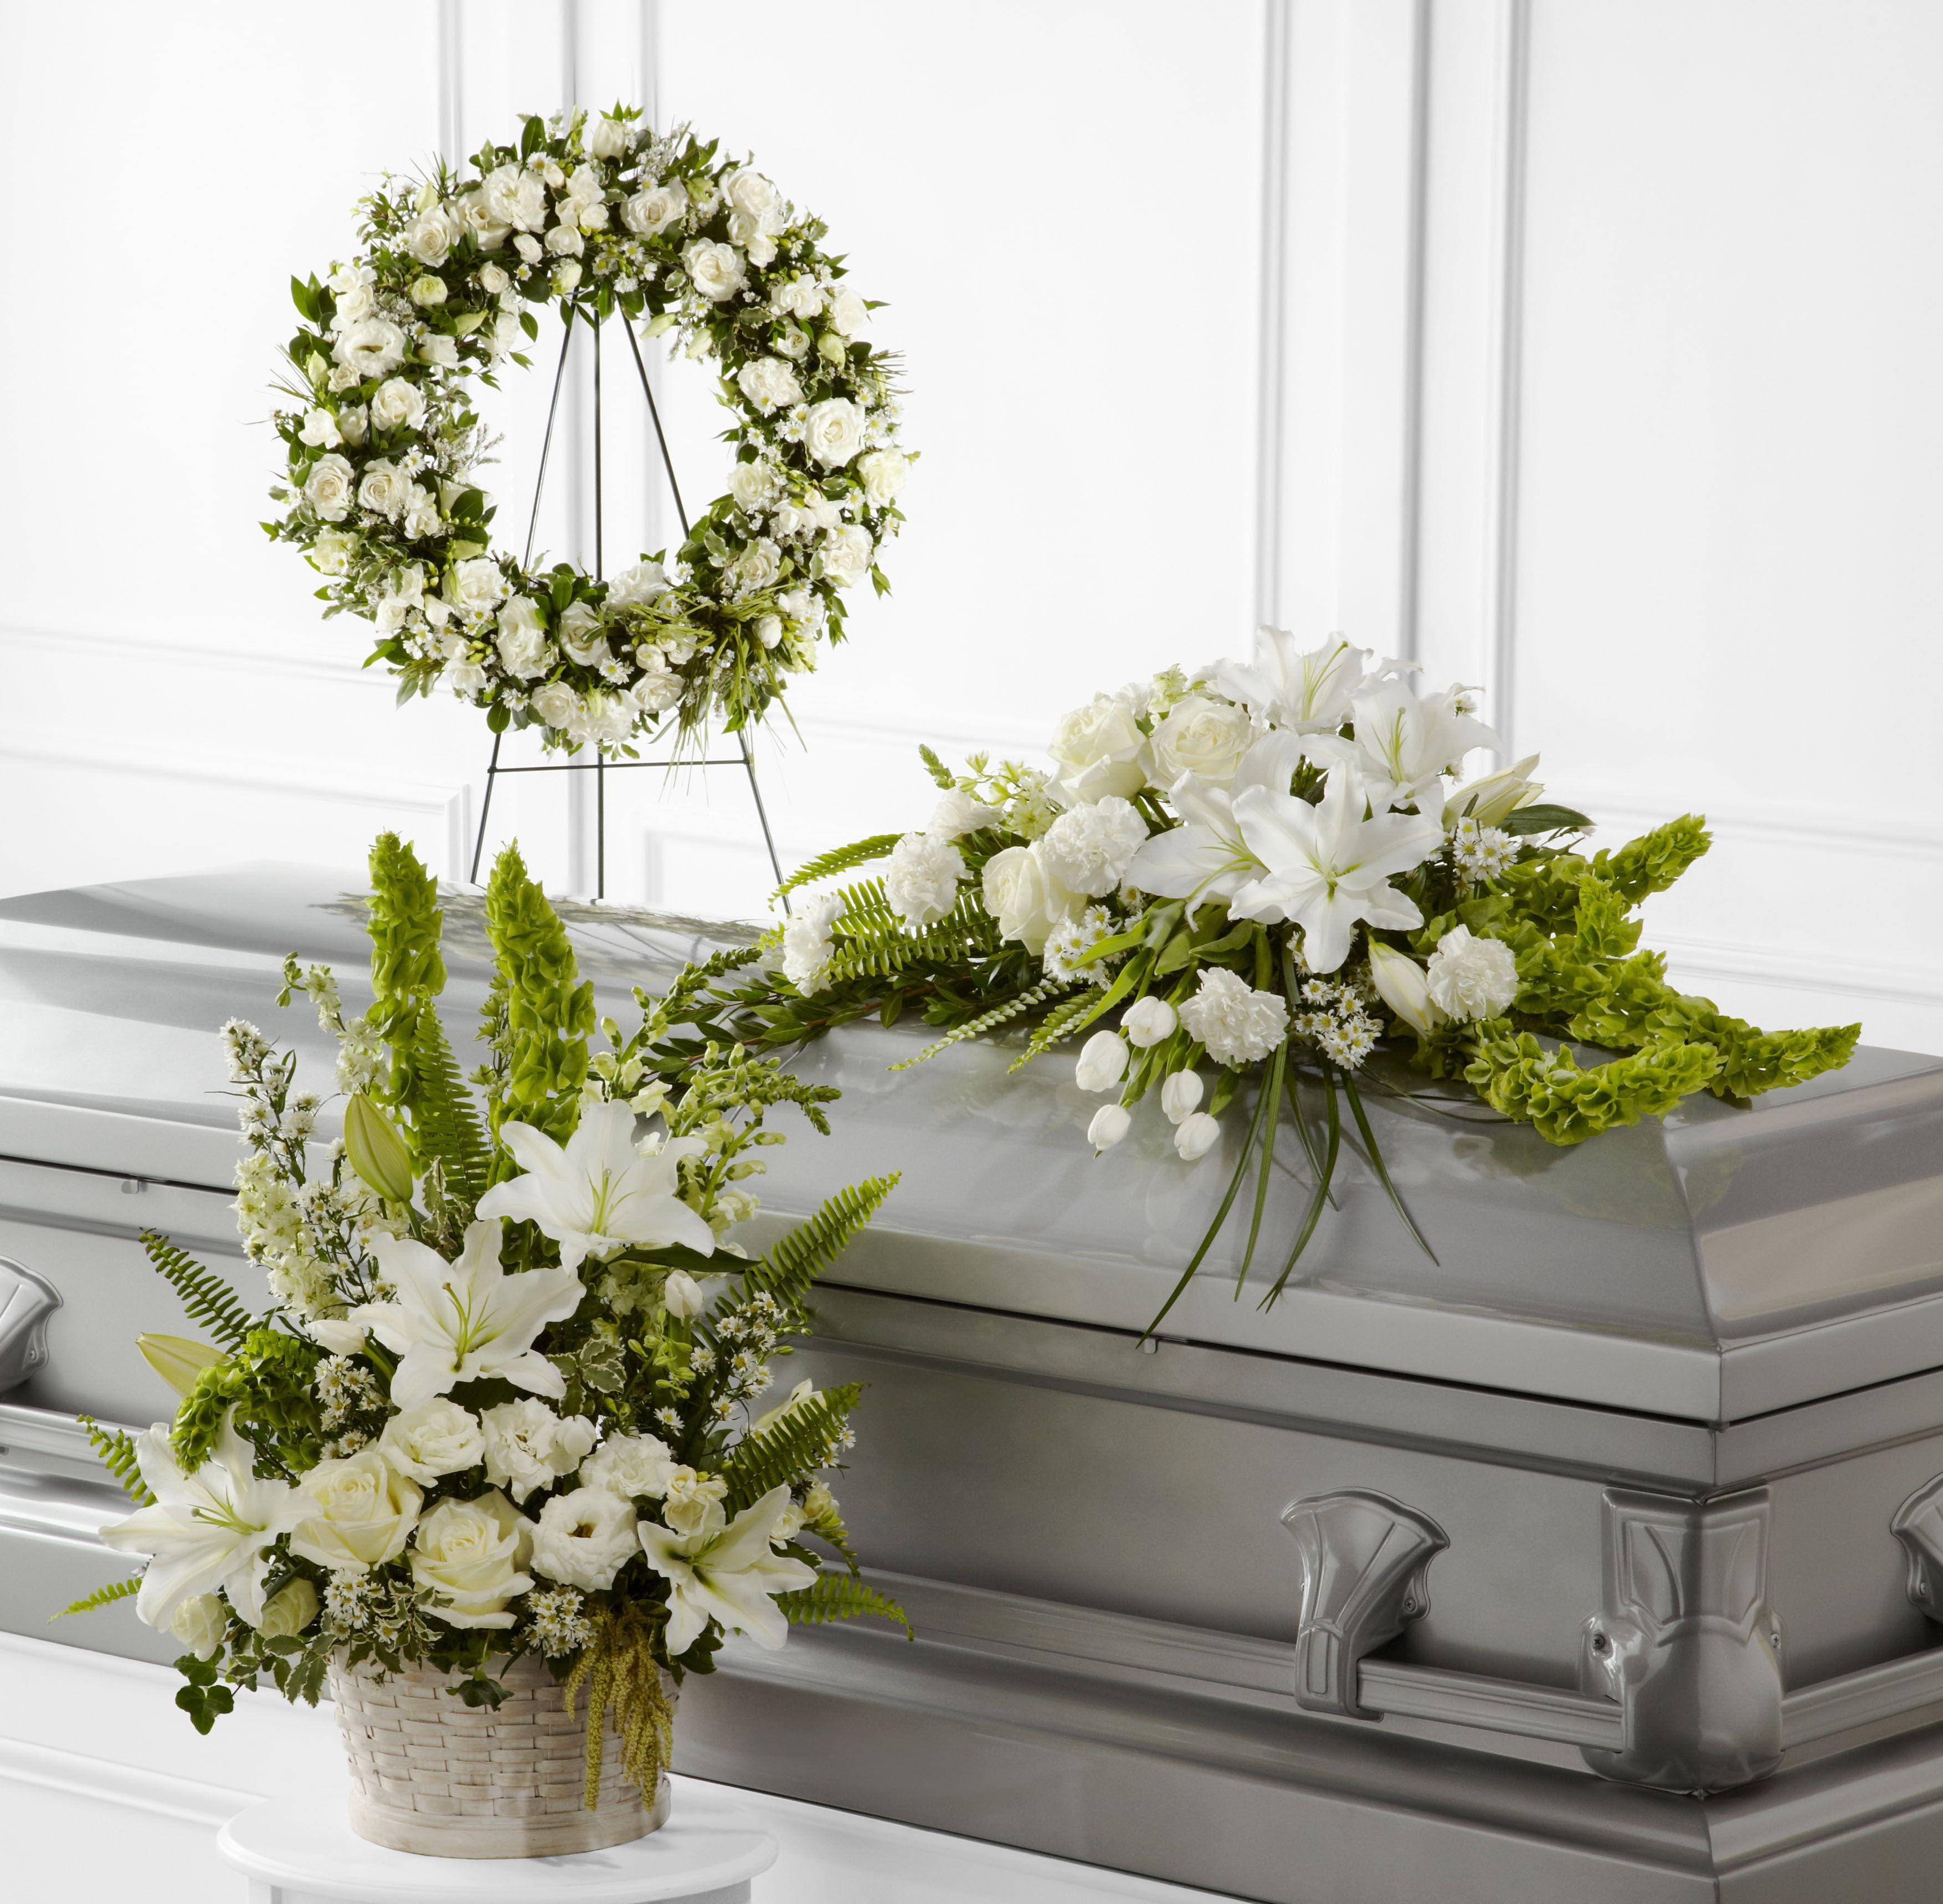 Funeral flowers spray funeral packages looking for multiple items funeral flowers spray funeral packages looking for multiple items to send to the funeral izmirmasajfo